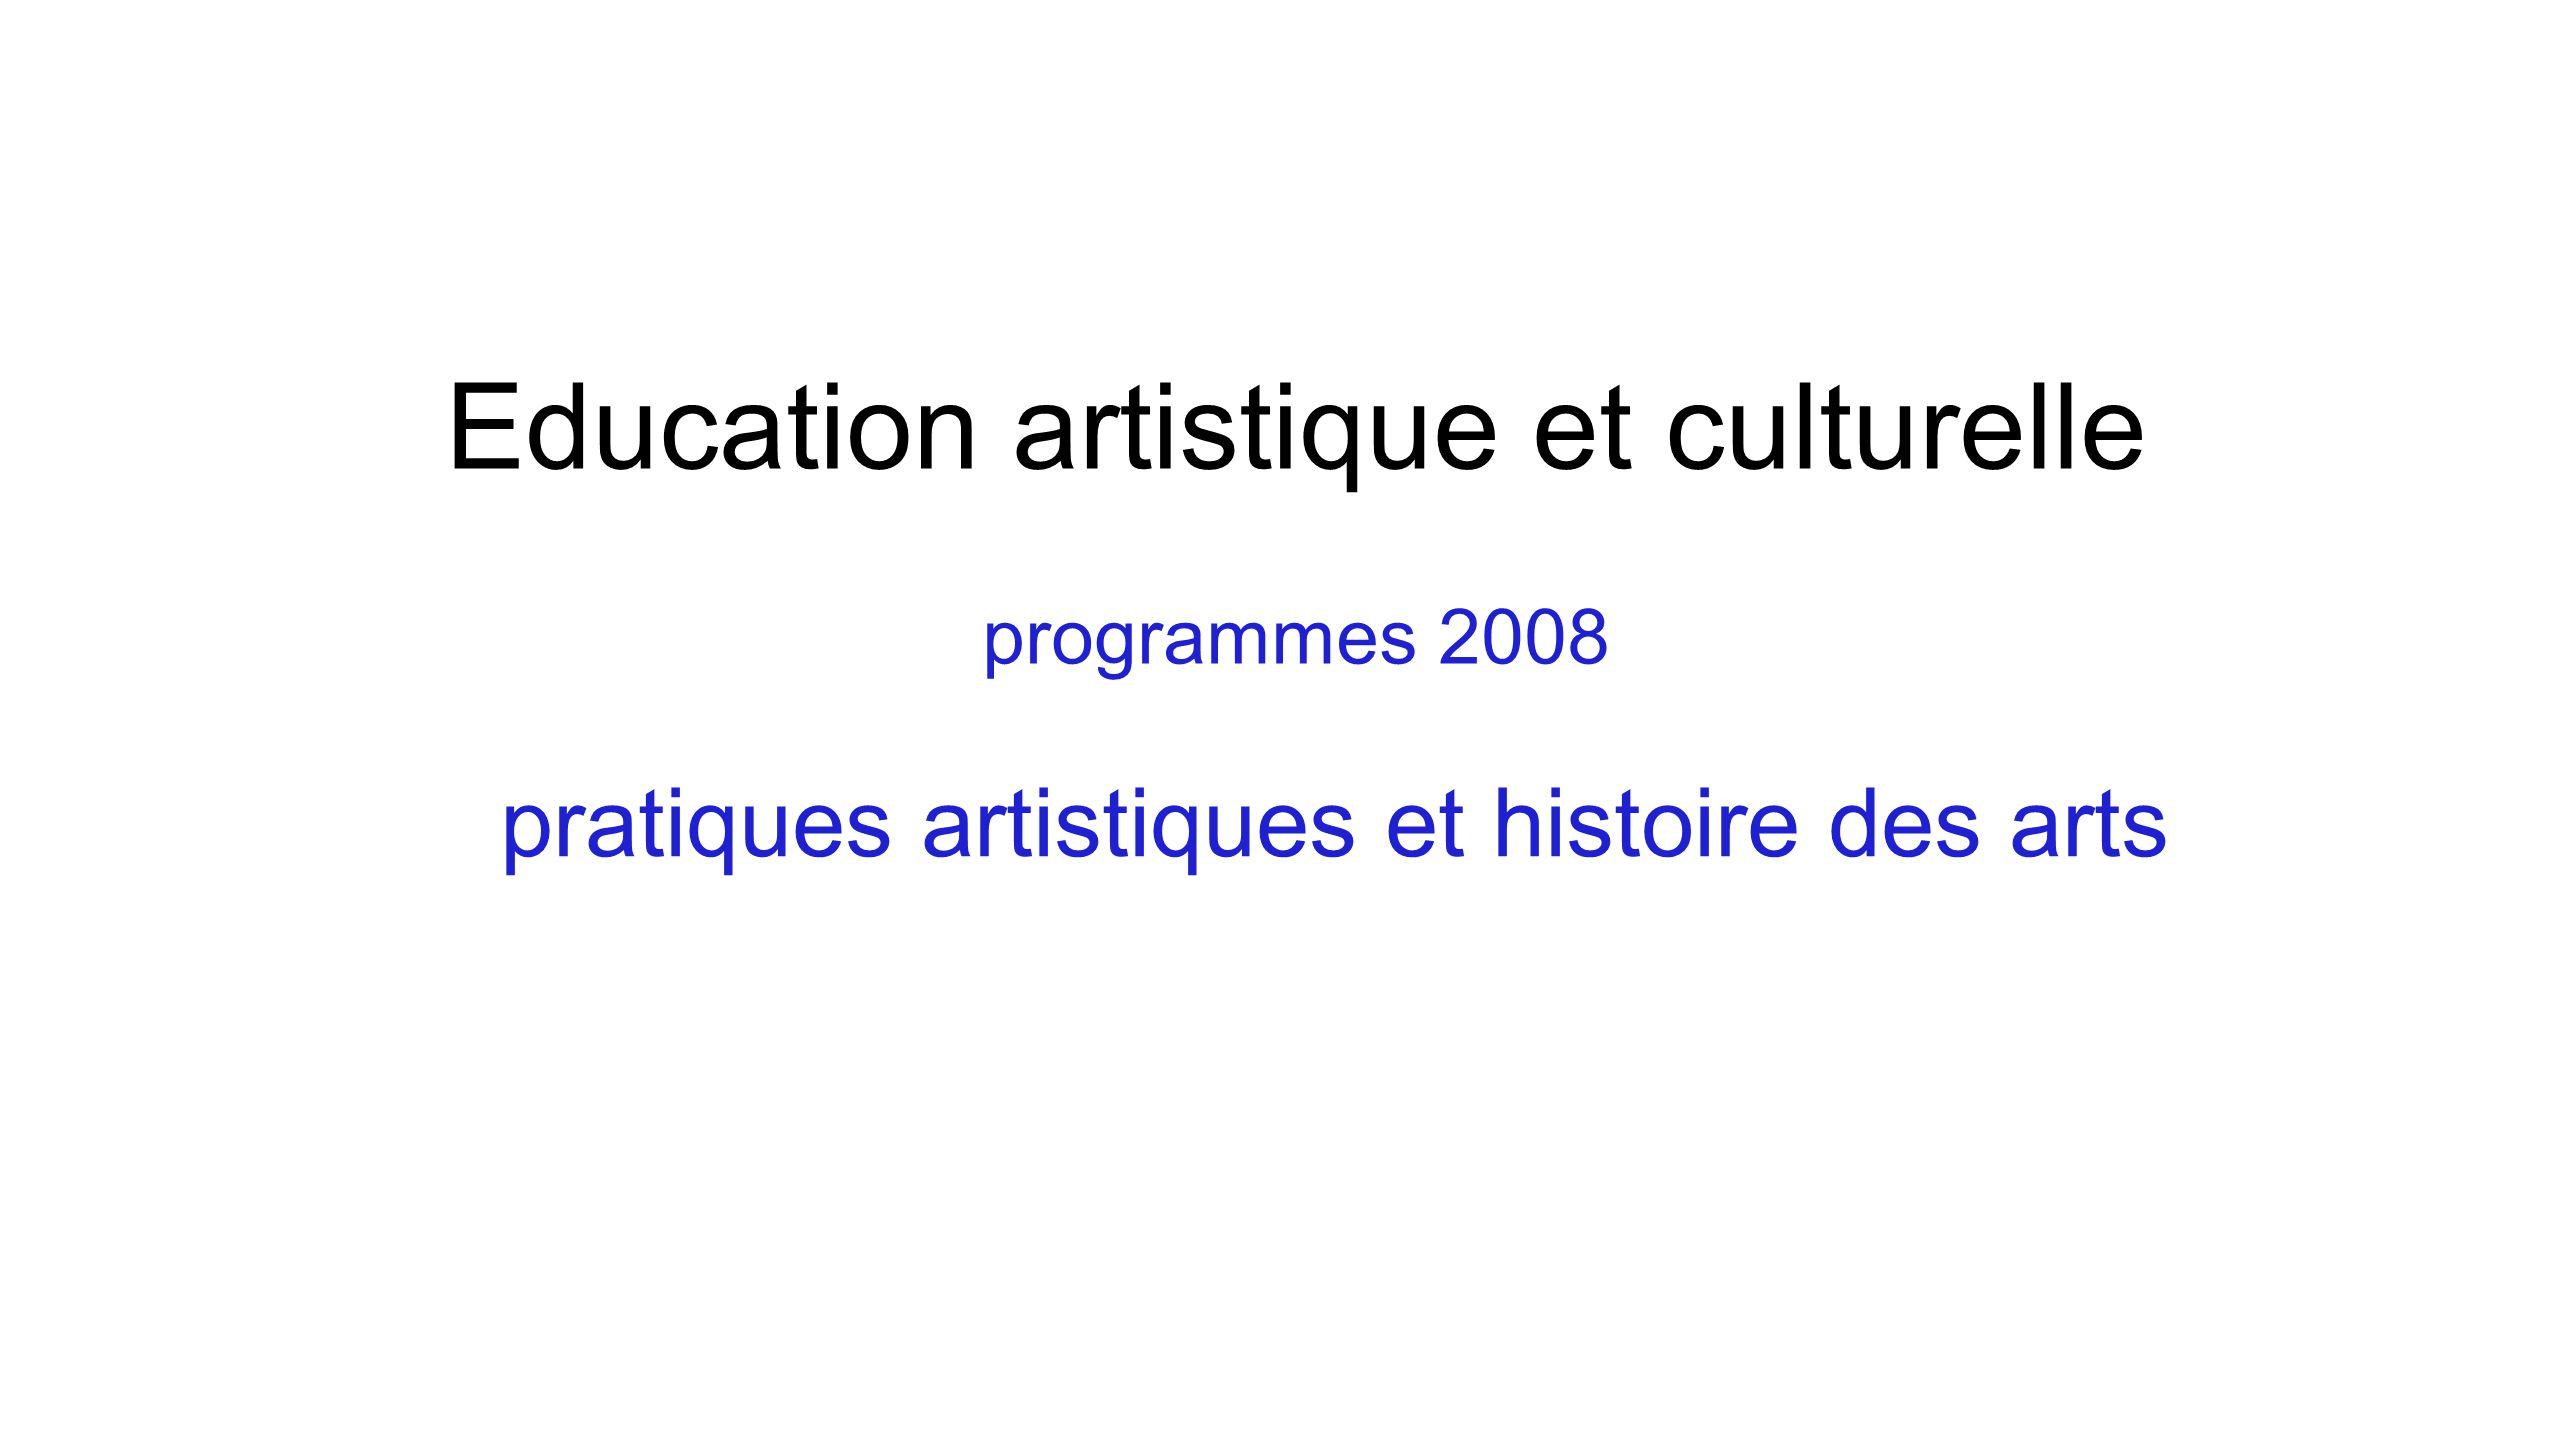 pratiques artistiques et histoire des arts Education artistique et culturelle programmes 2008